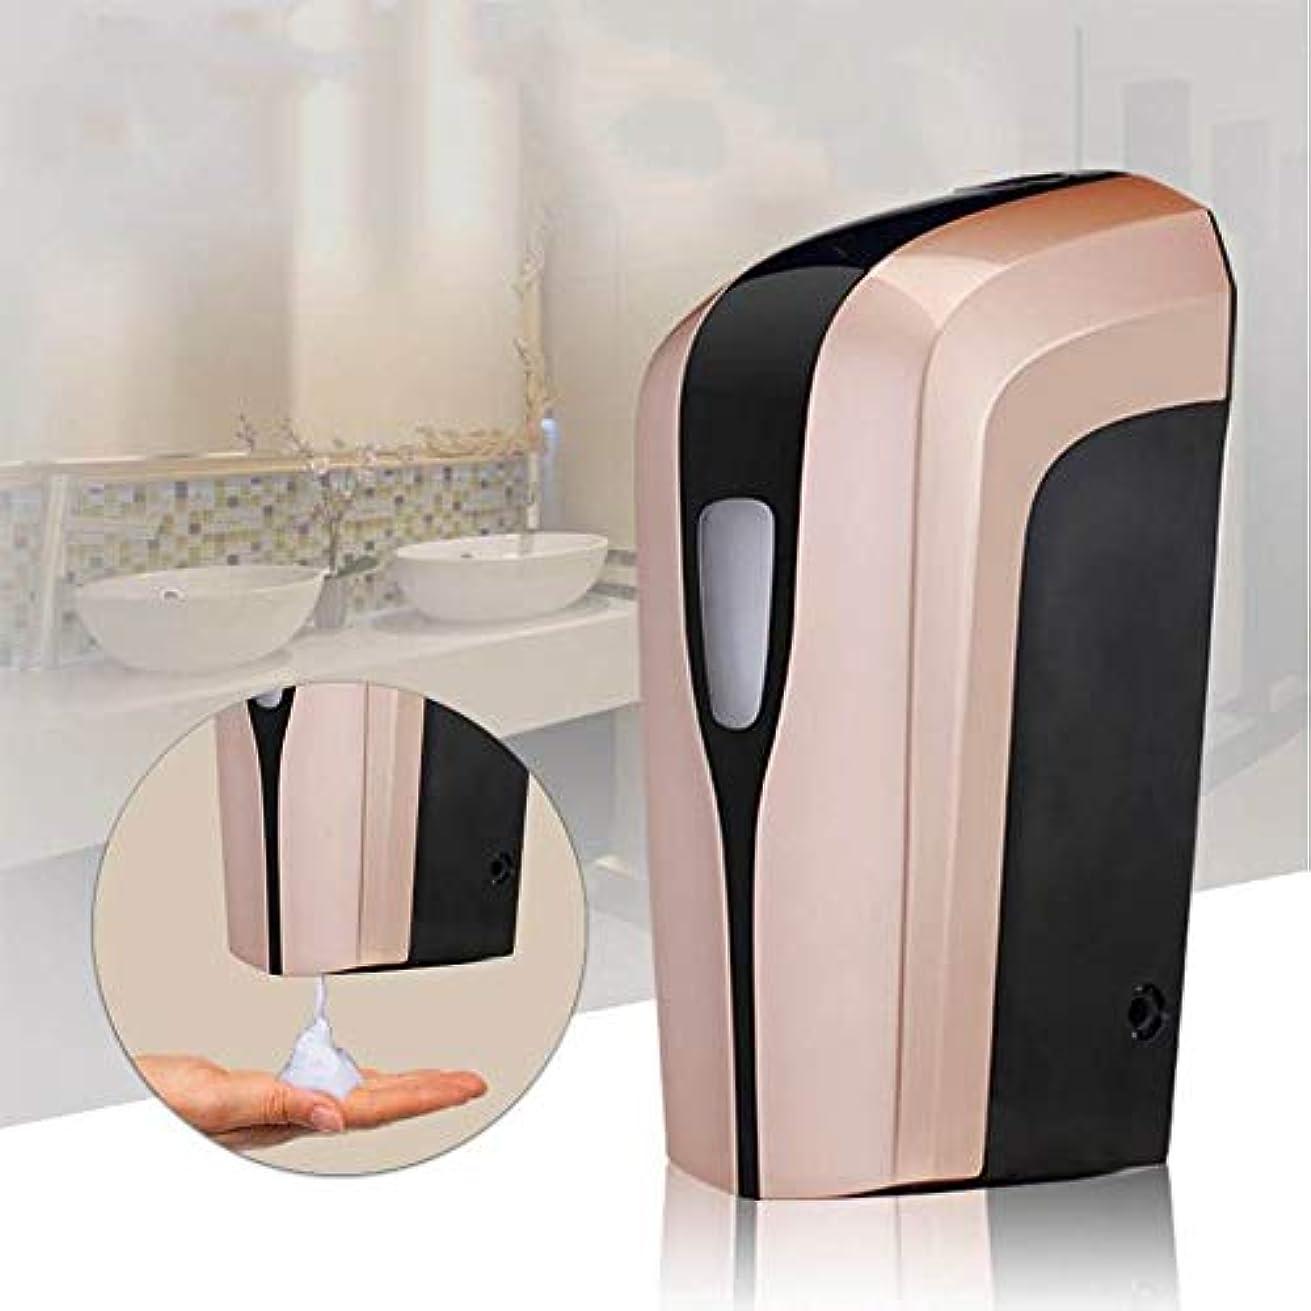 キルス再撮り符号ソープディスペンサー 400ミリリットル容量の自動ソープディスペンサー、タッチレスバッテリーは電動ハンドフリーソープディスペンサーを運営しました ハンドソープ 食器用洗剤 キッチン 洗面所などに適用 (Color : Local gold, Size : One size)